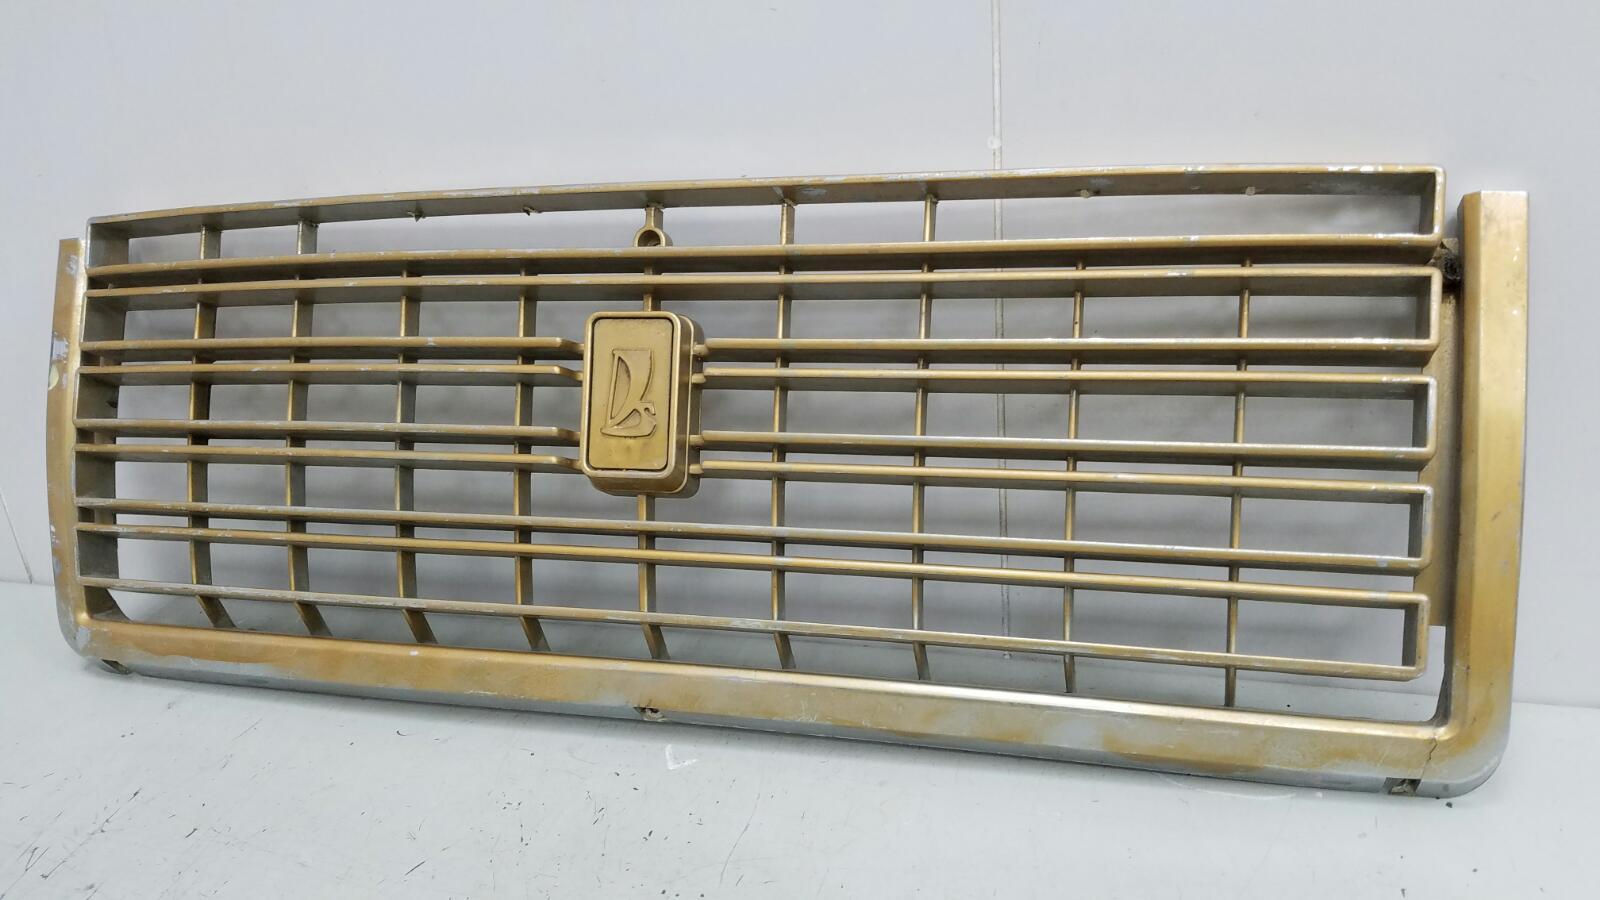 Решетка радиатора Ваз Жигули Лада 2107 ИНЖЕКТОР 1.6Л 2008